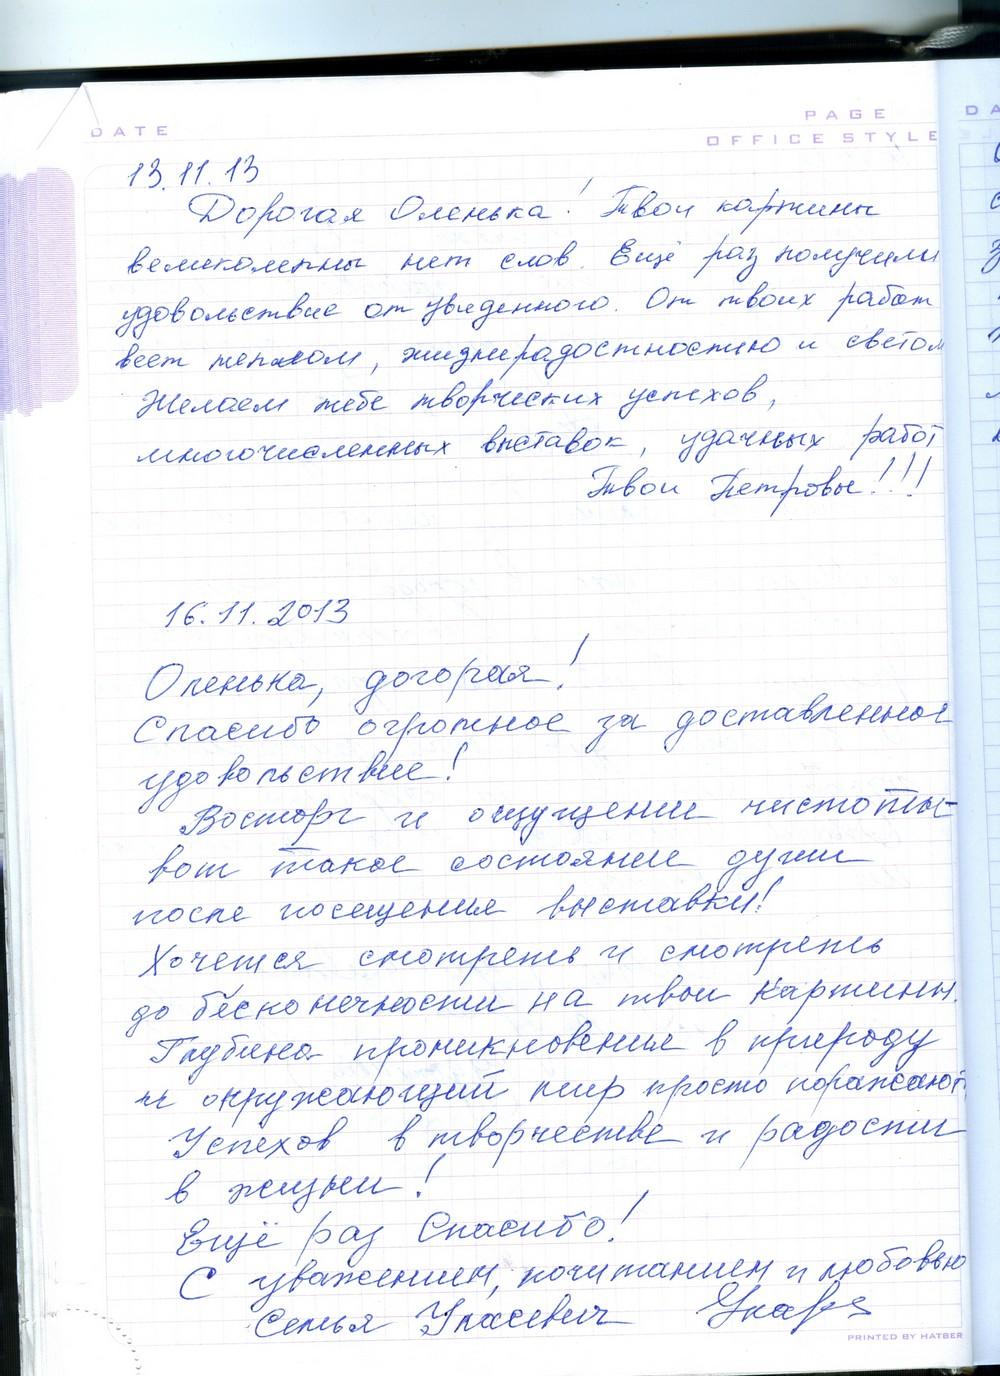 otzyv018